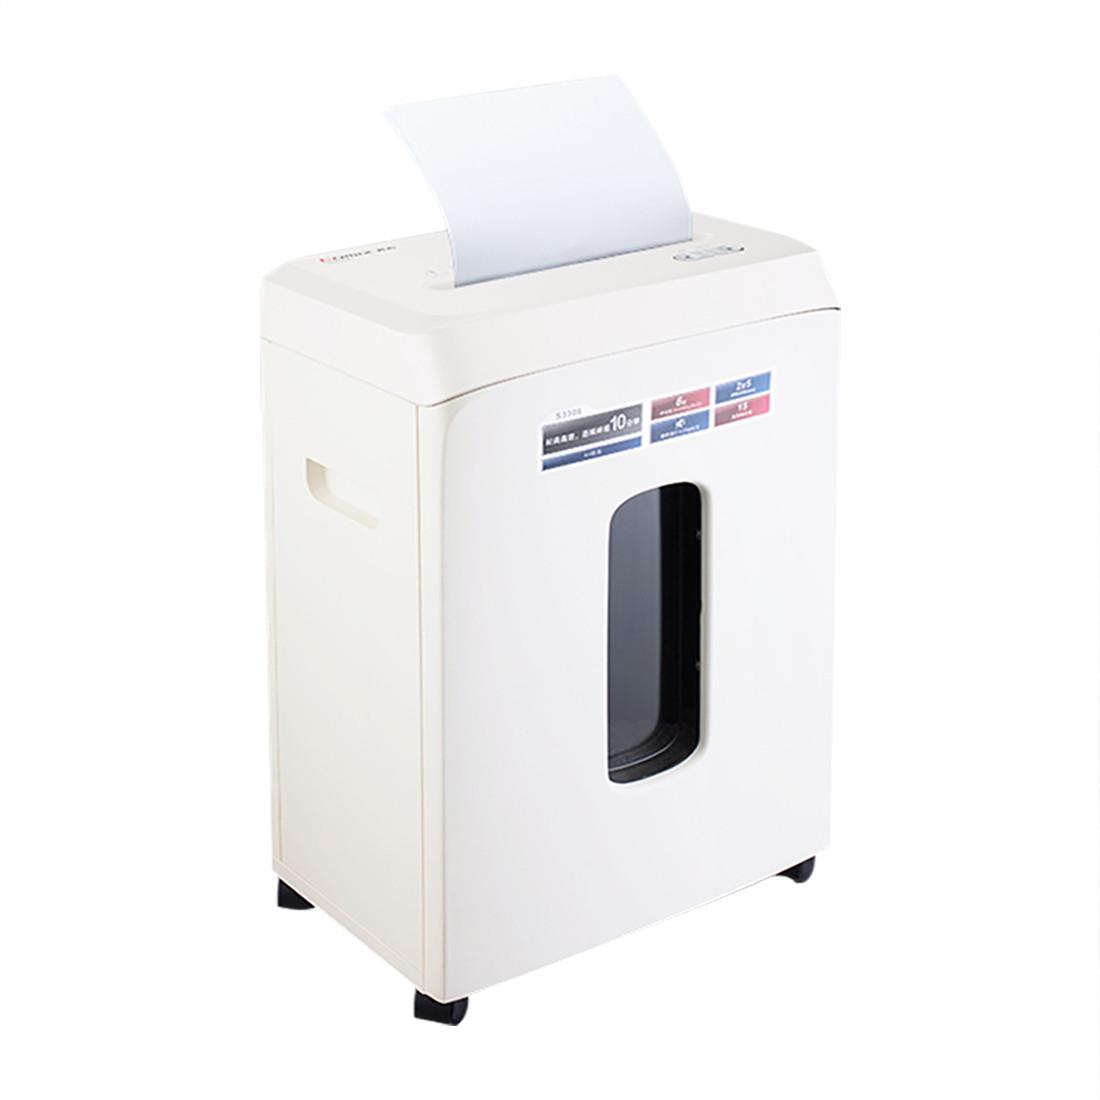 Уничтожитель бумаг, COMIX, S3306, A4, Подача: 6 лист., Уровень секретности: 5, Скорость 2.2 м/мин, Ёмкость